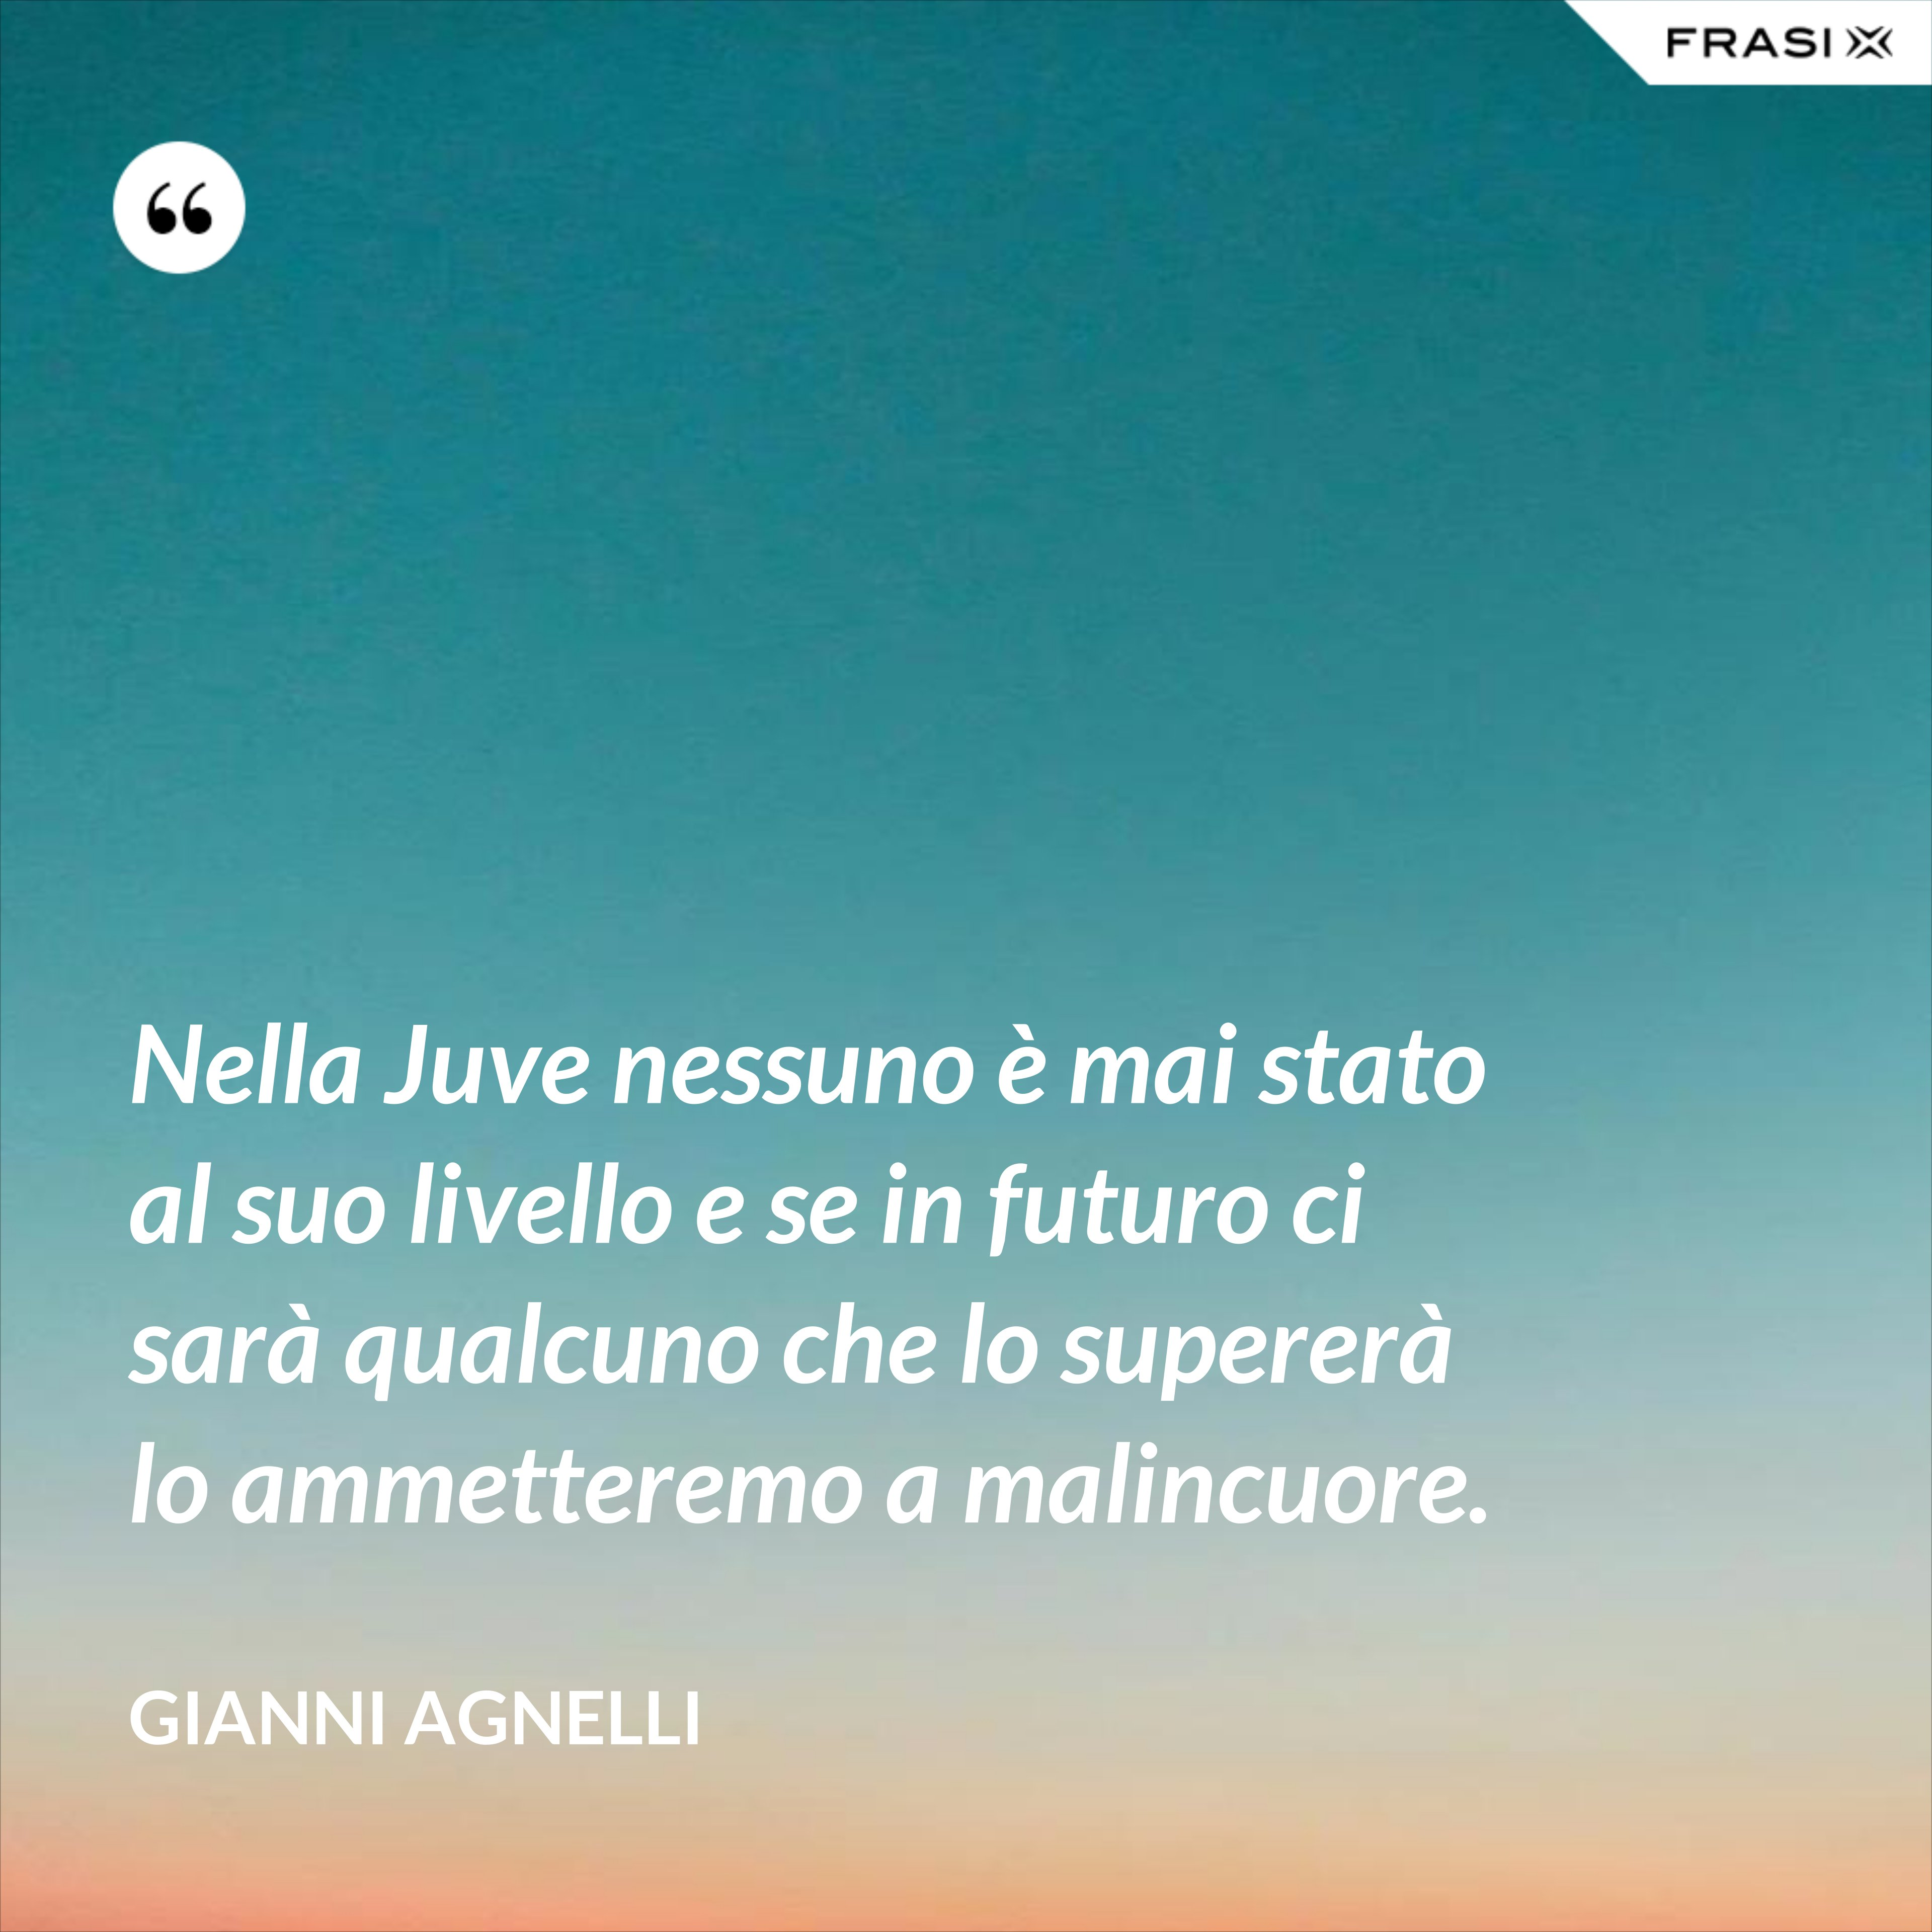 Nella Juve nessuno è mai stato al suo livello e se in futuro ci sarà qualcuno che lo supererà lo ammetteremo a malincuore. - Gianni Agnelli